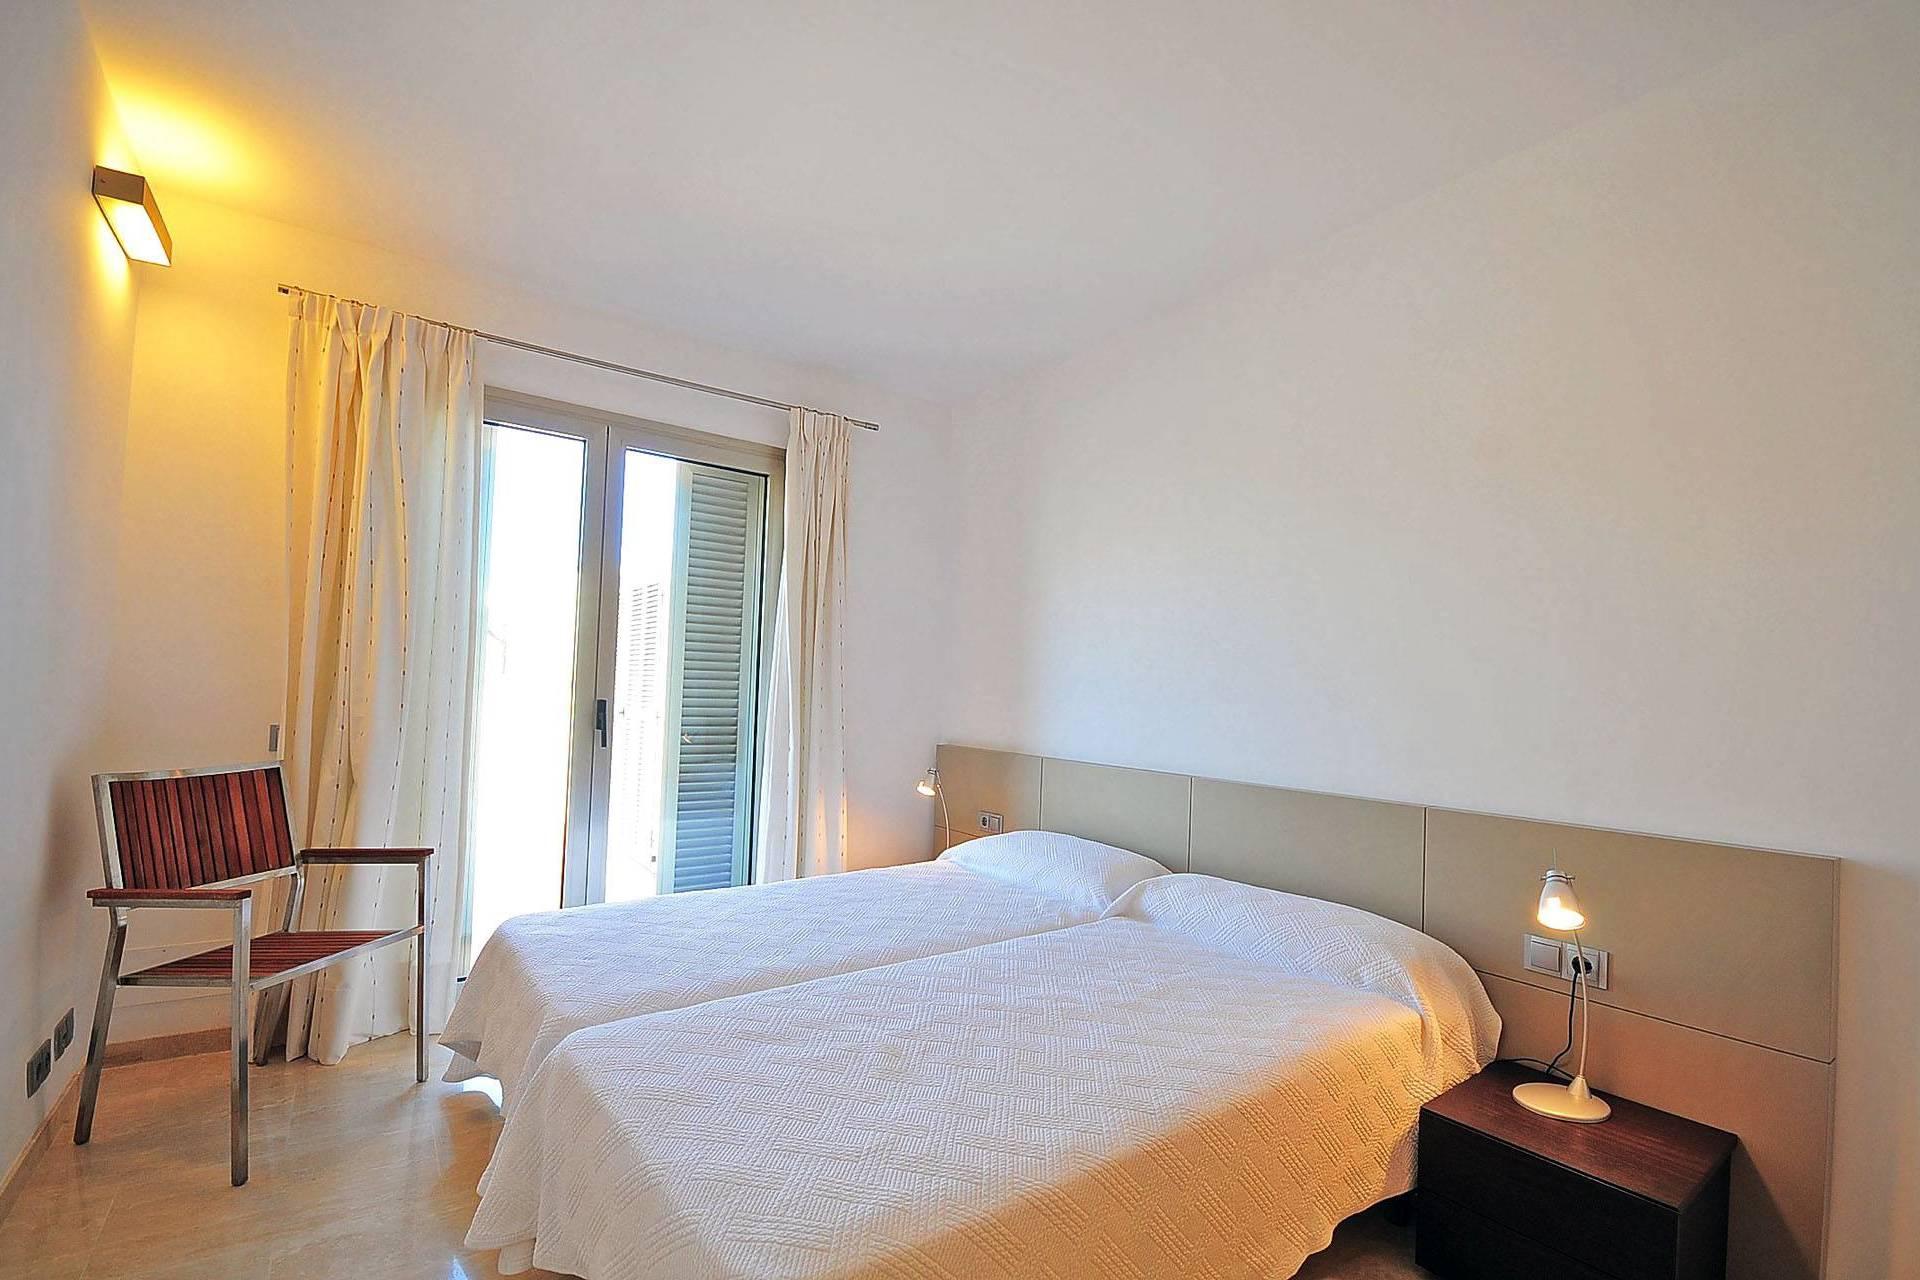 01-207 Kleine Ferienwohnung Mallorca Norden Bild 8